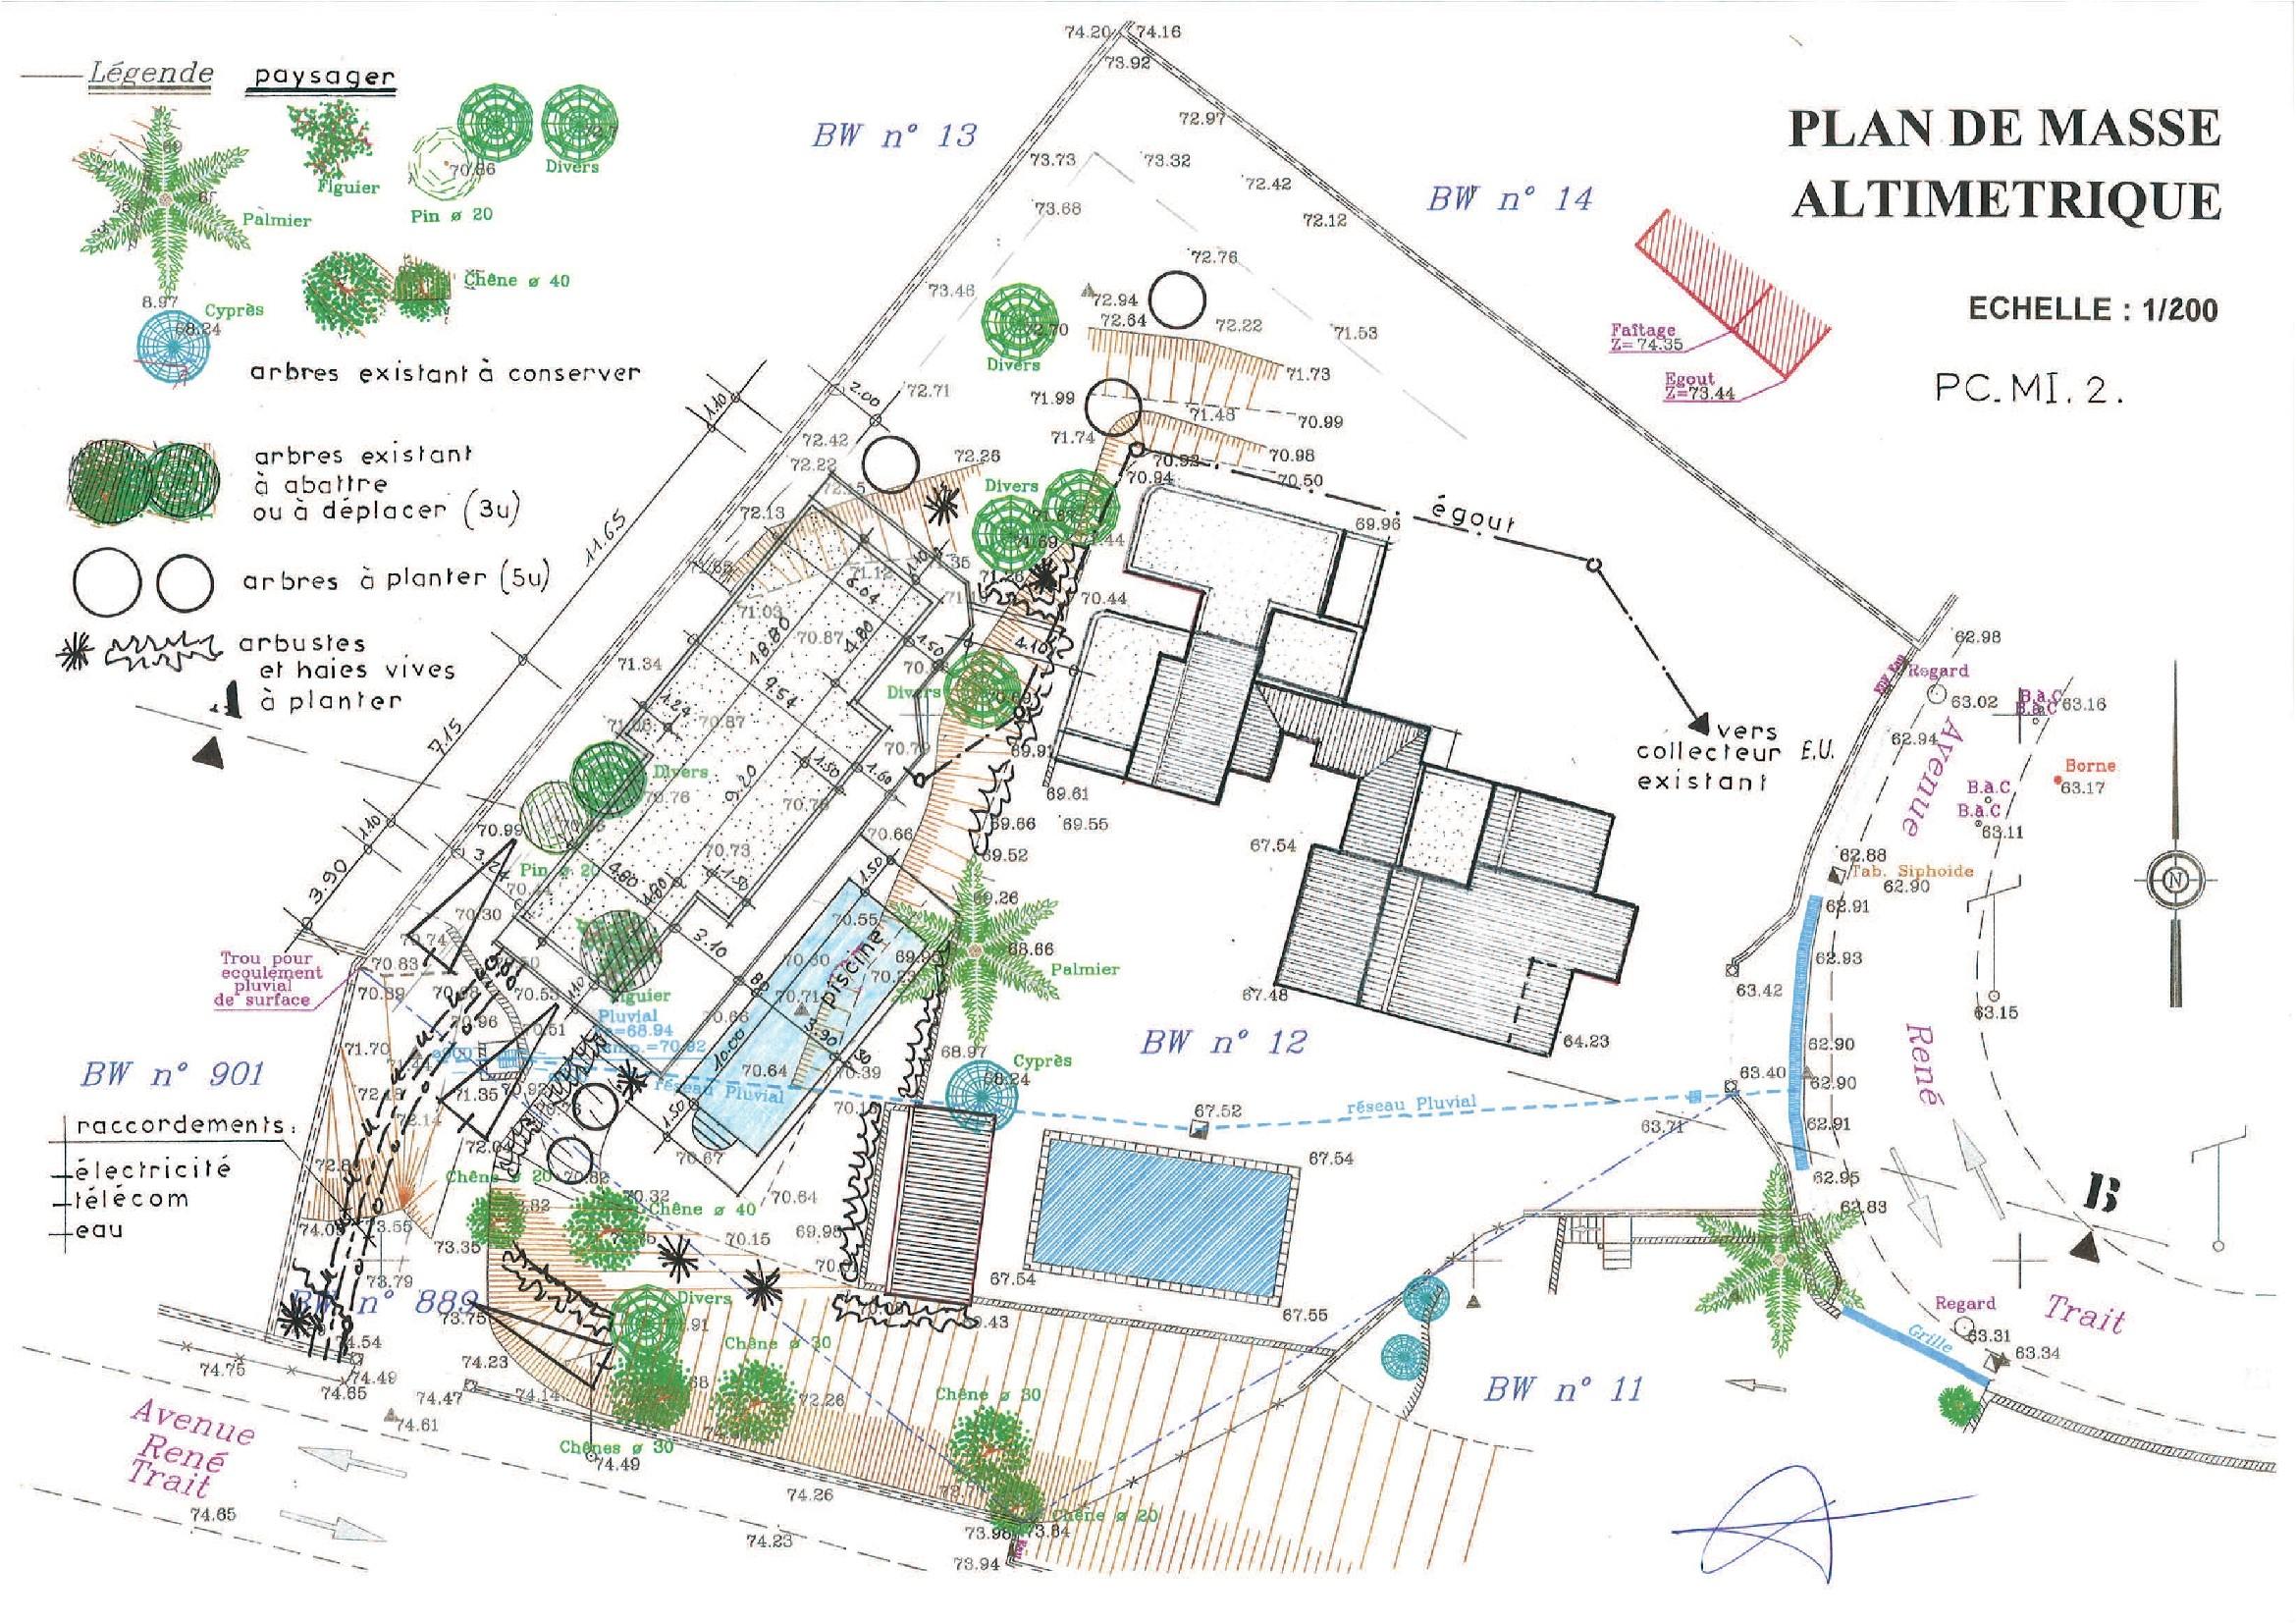 Plan de masse de maison good plan de masse de maison with plan de masse de maison plan de - Exemple plan de masse ...